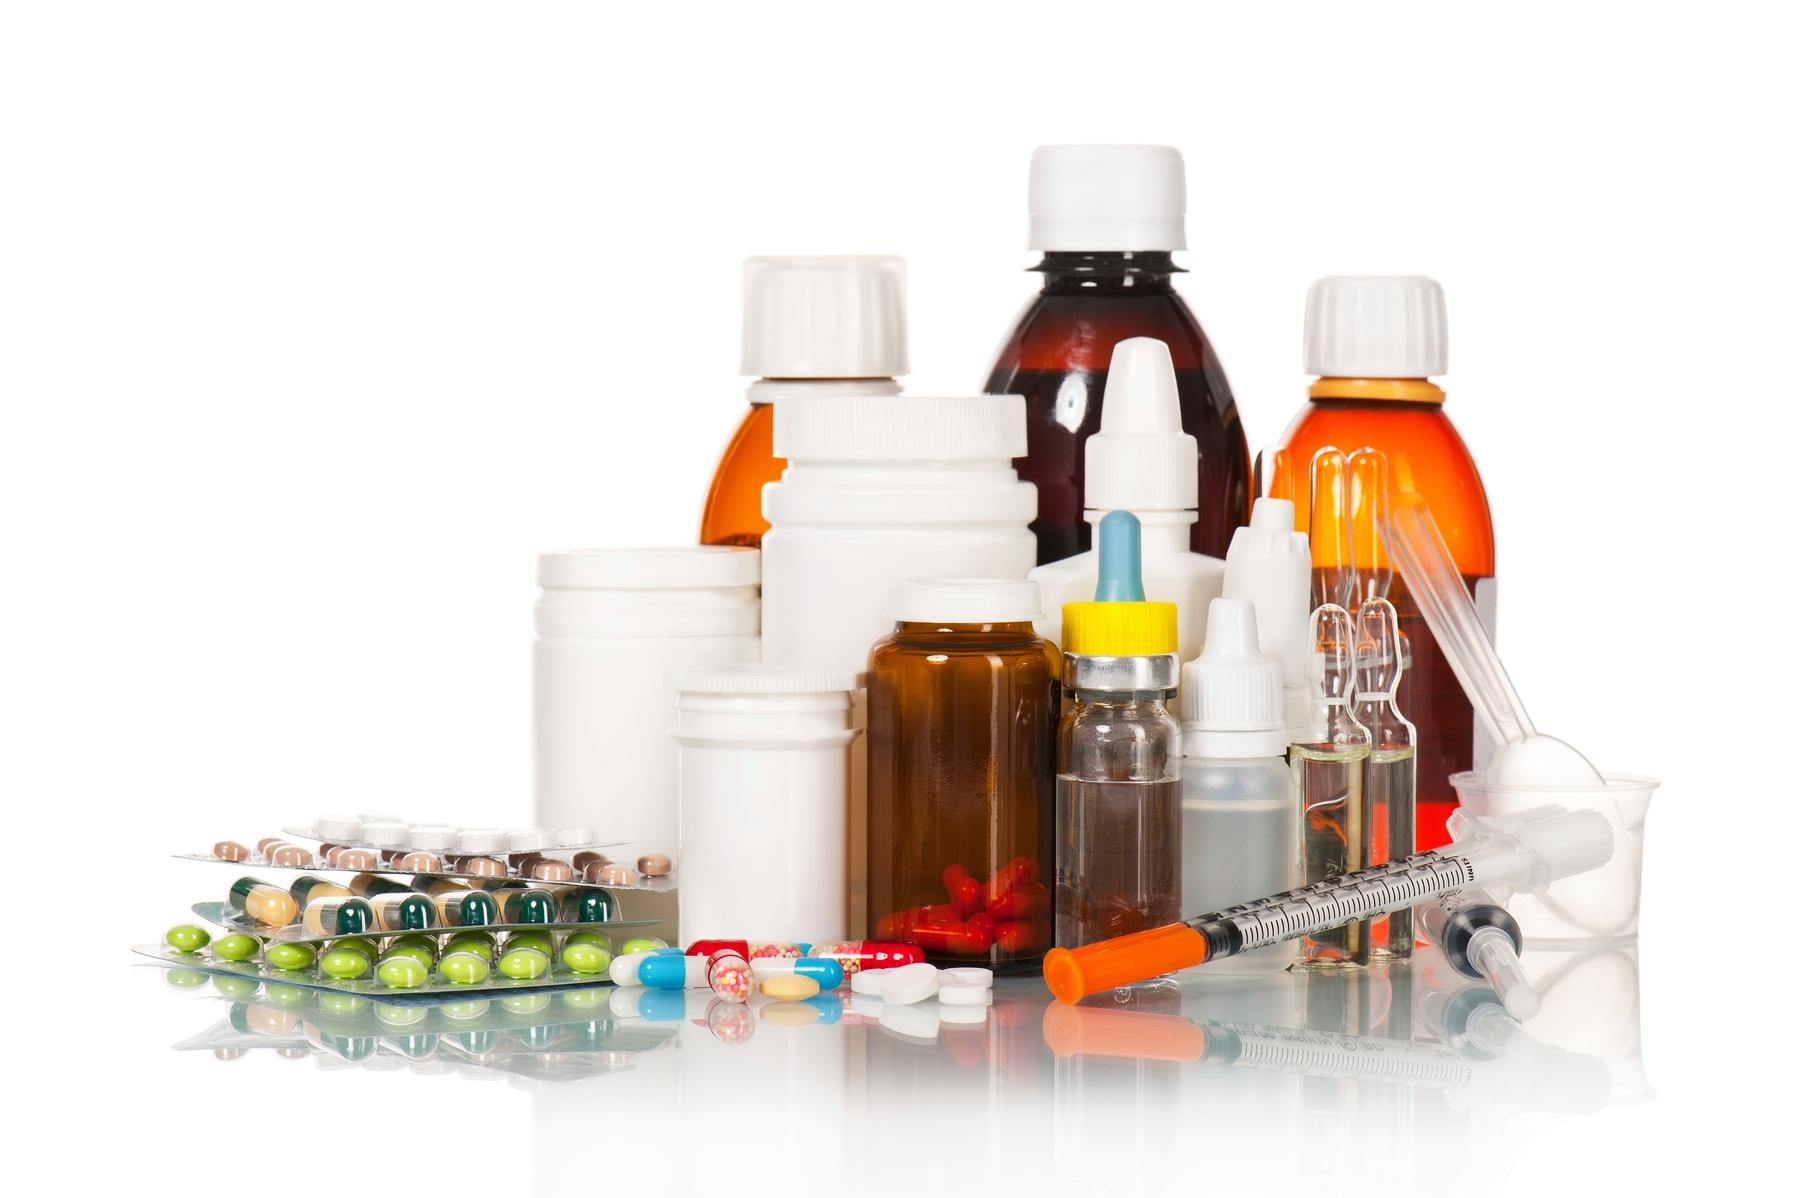 患有特殊疾病的旅客需要隨身攜帶液體藥品上飛機,需要向機場安檢人員出示醫學證明。